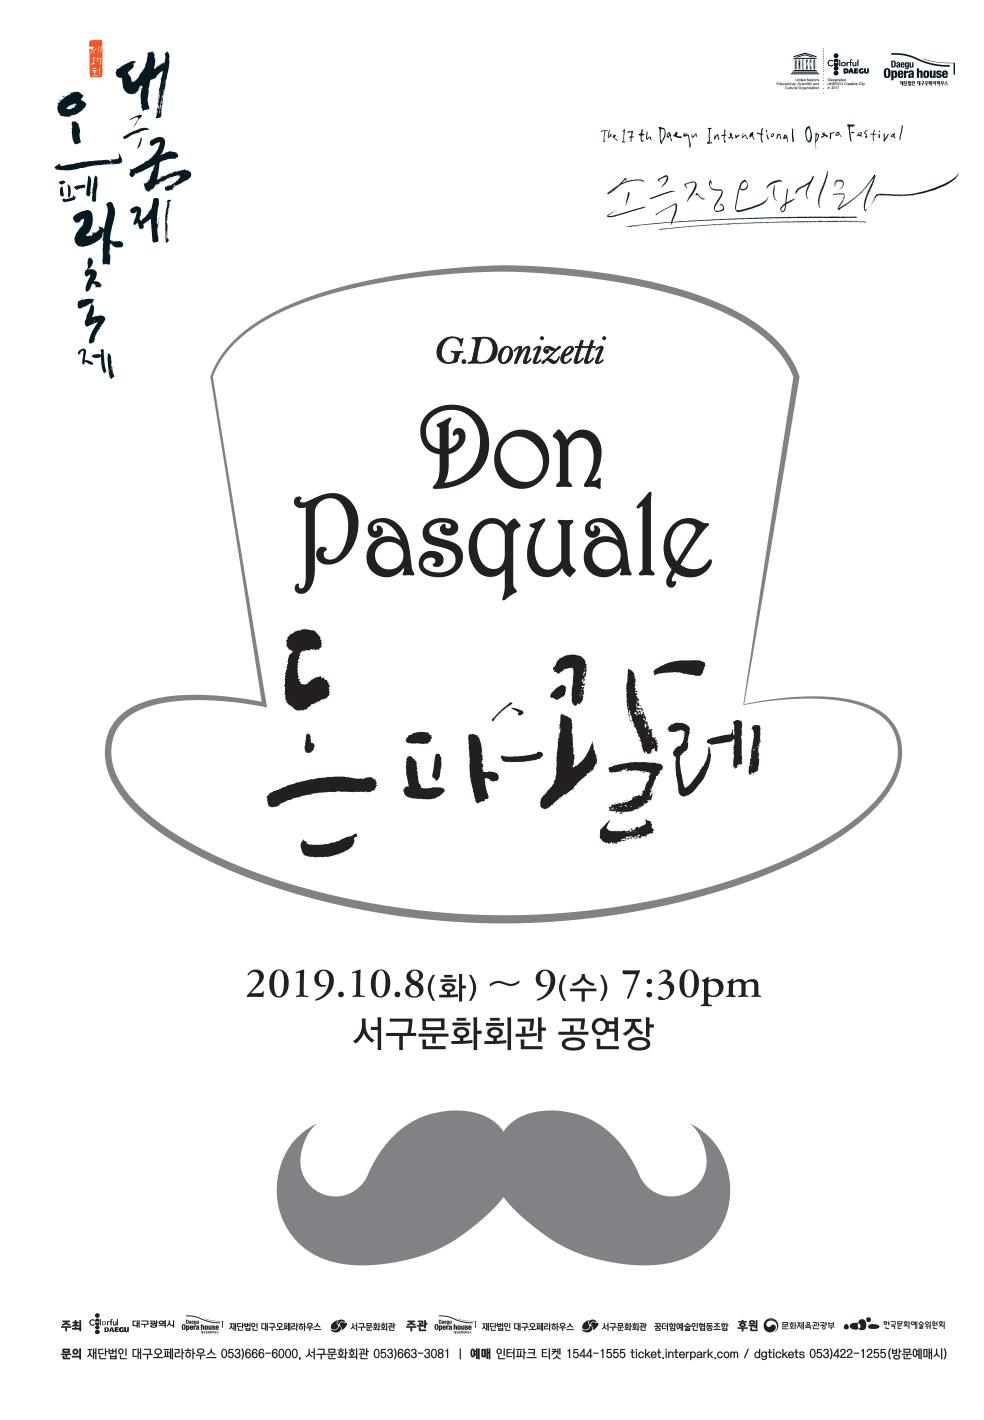 대구오페라축제 / The 17th Daegu International Opera Festival / 소극장오페라 /G.Donizetti / Don Pasquale 돈파스콸레 / 2019.10.8(화)~9(수) 7:30pm 서구문화회관 공연장 / 주최 : 대구광역시, 재단법인 대구오페라하우스, 서구문화회관 / 주관: 재단법인 대구오페라하우스, 서구문화회관, 꿈더함예술인협동조합 / 후원 : 문화체육관광부, 한국문화예술위원회 / 문의 : 재단법인 대구오페라하우스 053)666-6000, 서구문화회관 053)663-3081 / 예매 : 인터파크 티켓 1544-1555 ticket.interpark.com / dgtickets 053)422-1255(방문예매시)